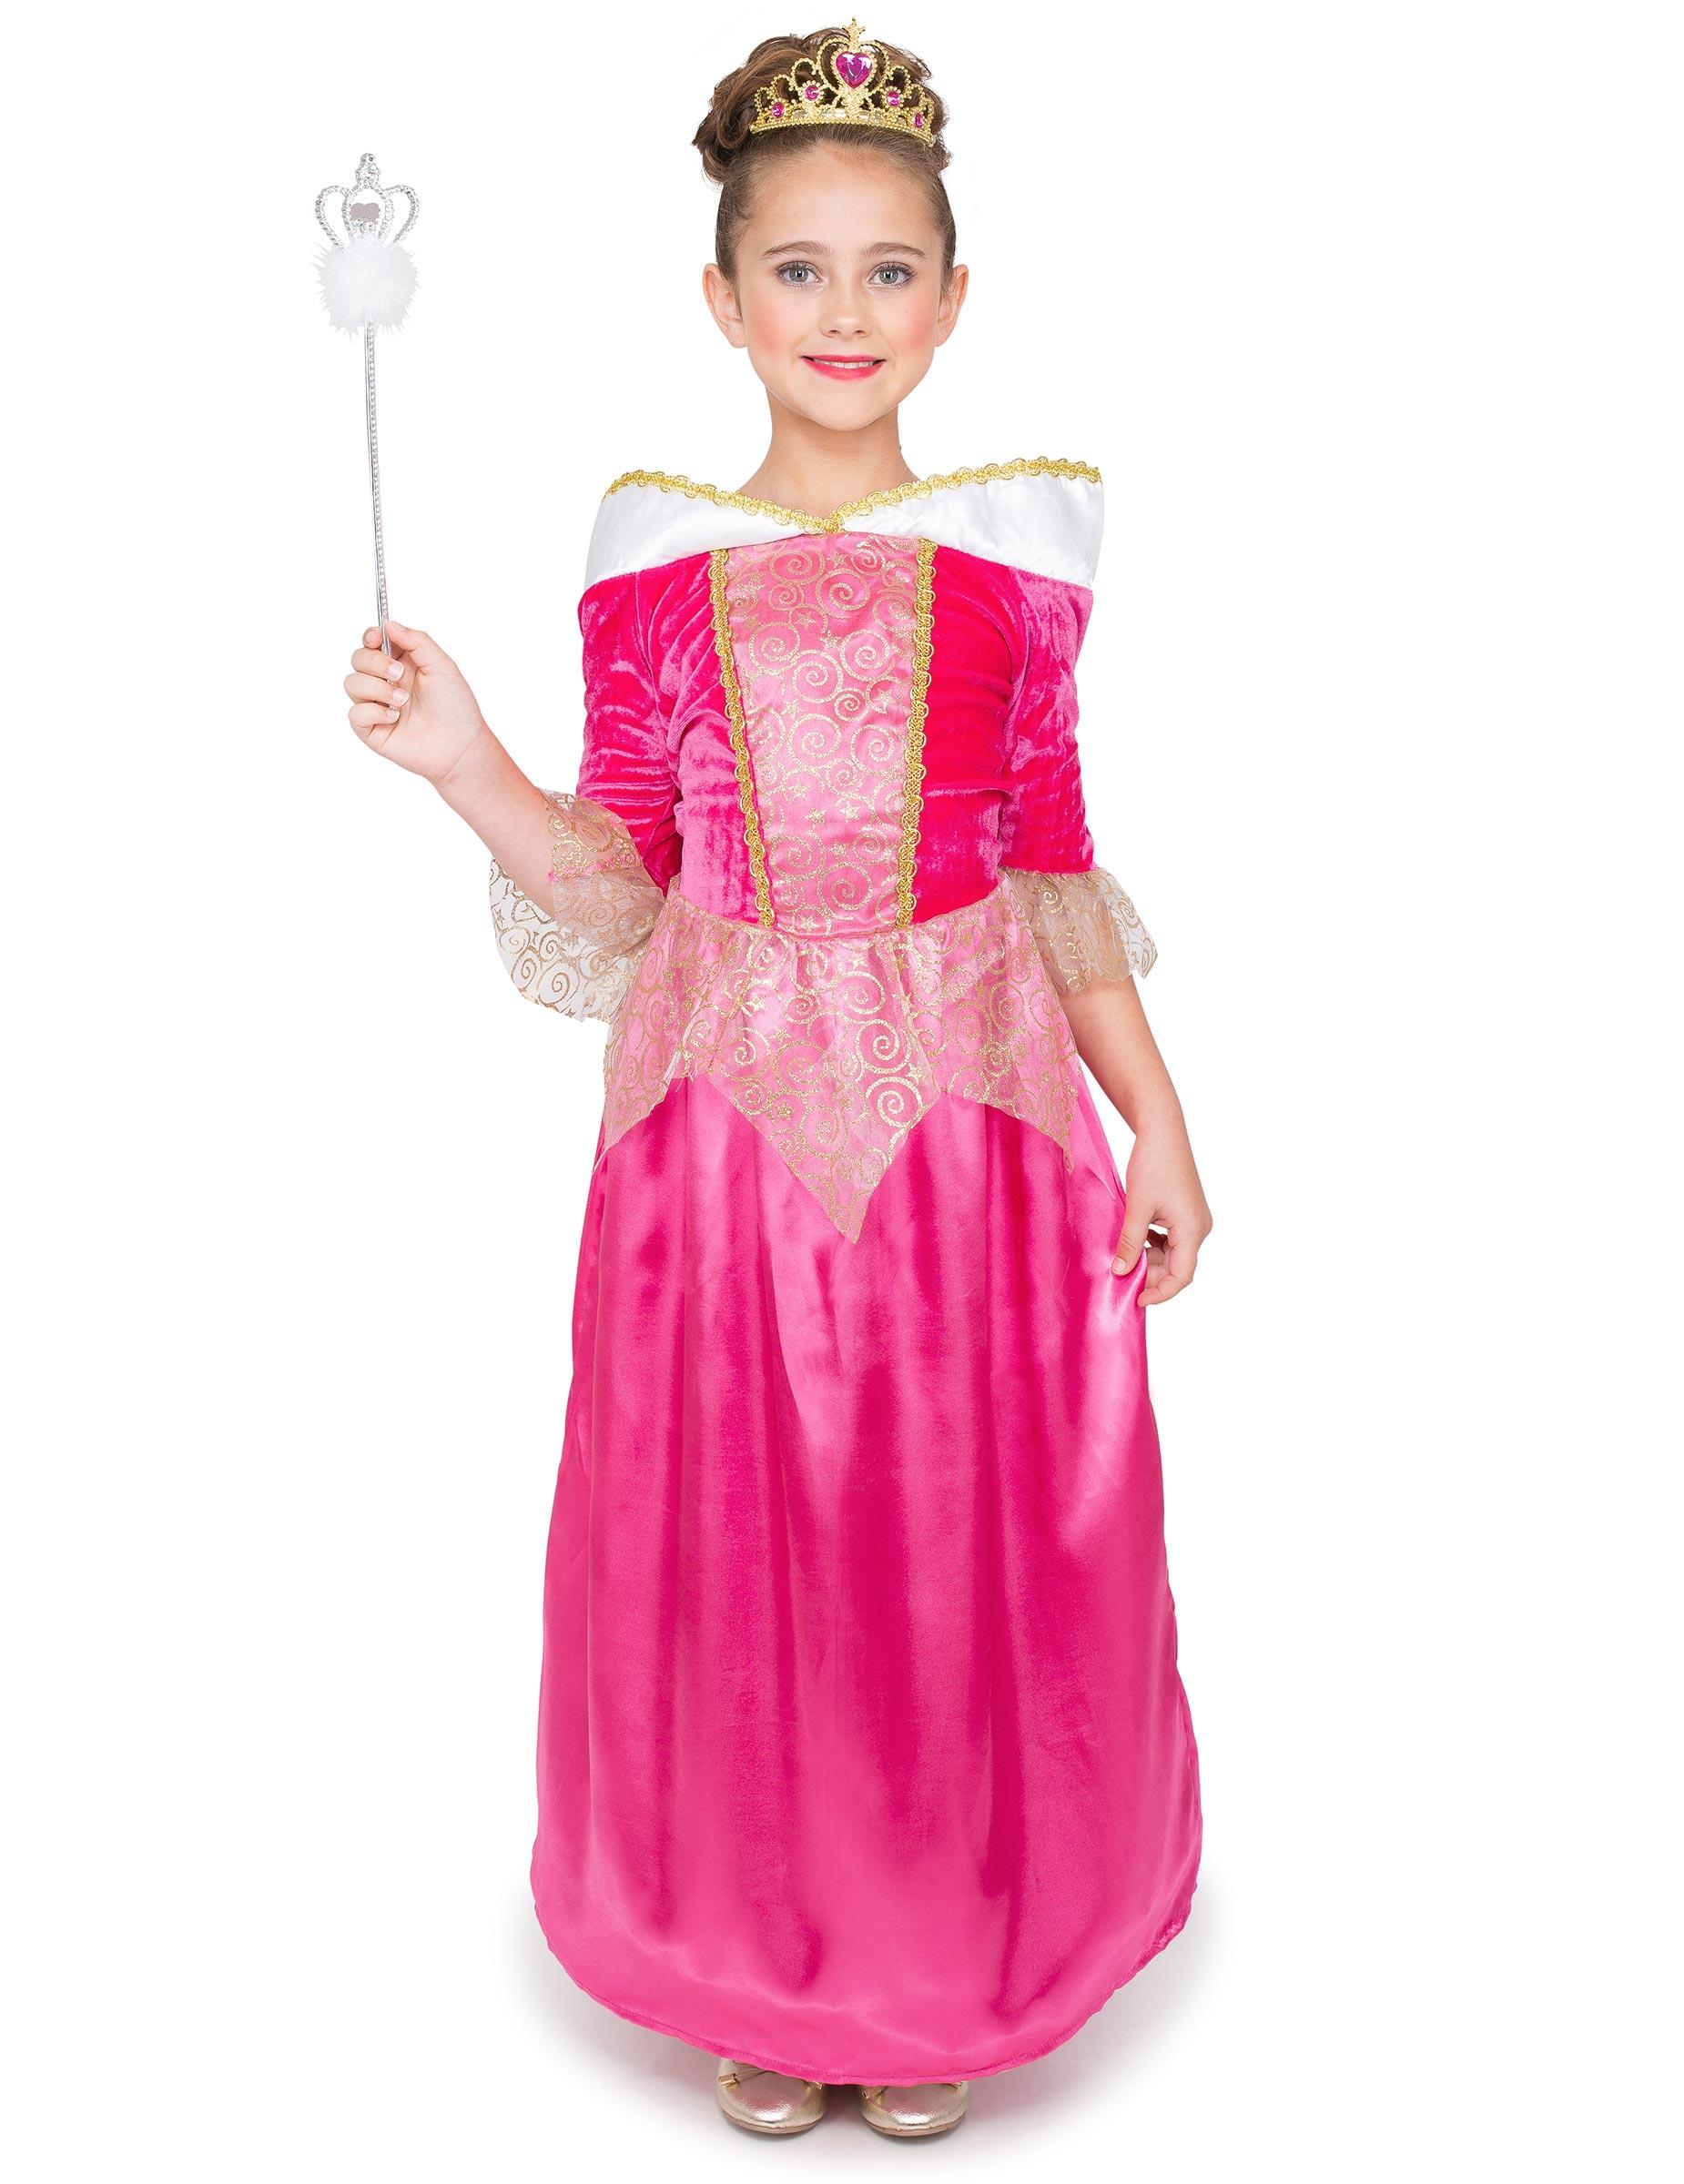 Disfraz princesa encantada rosa niña: Disfraces niños,y disfraces ...